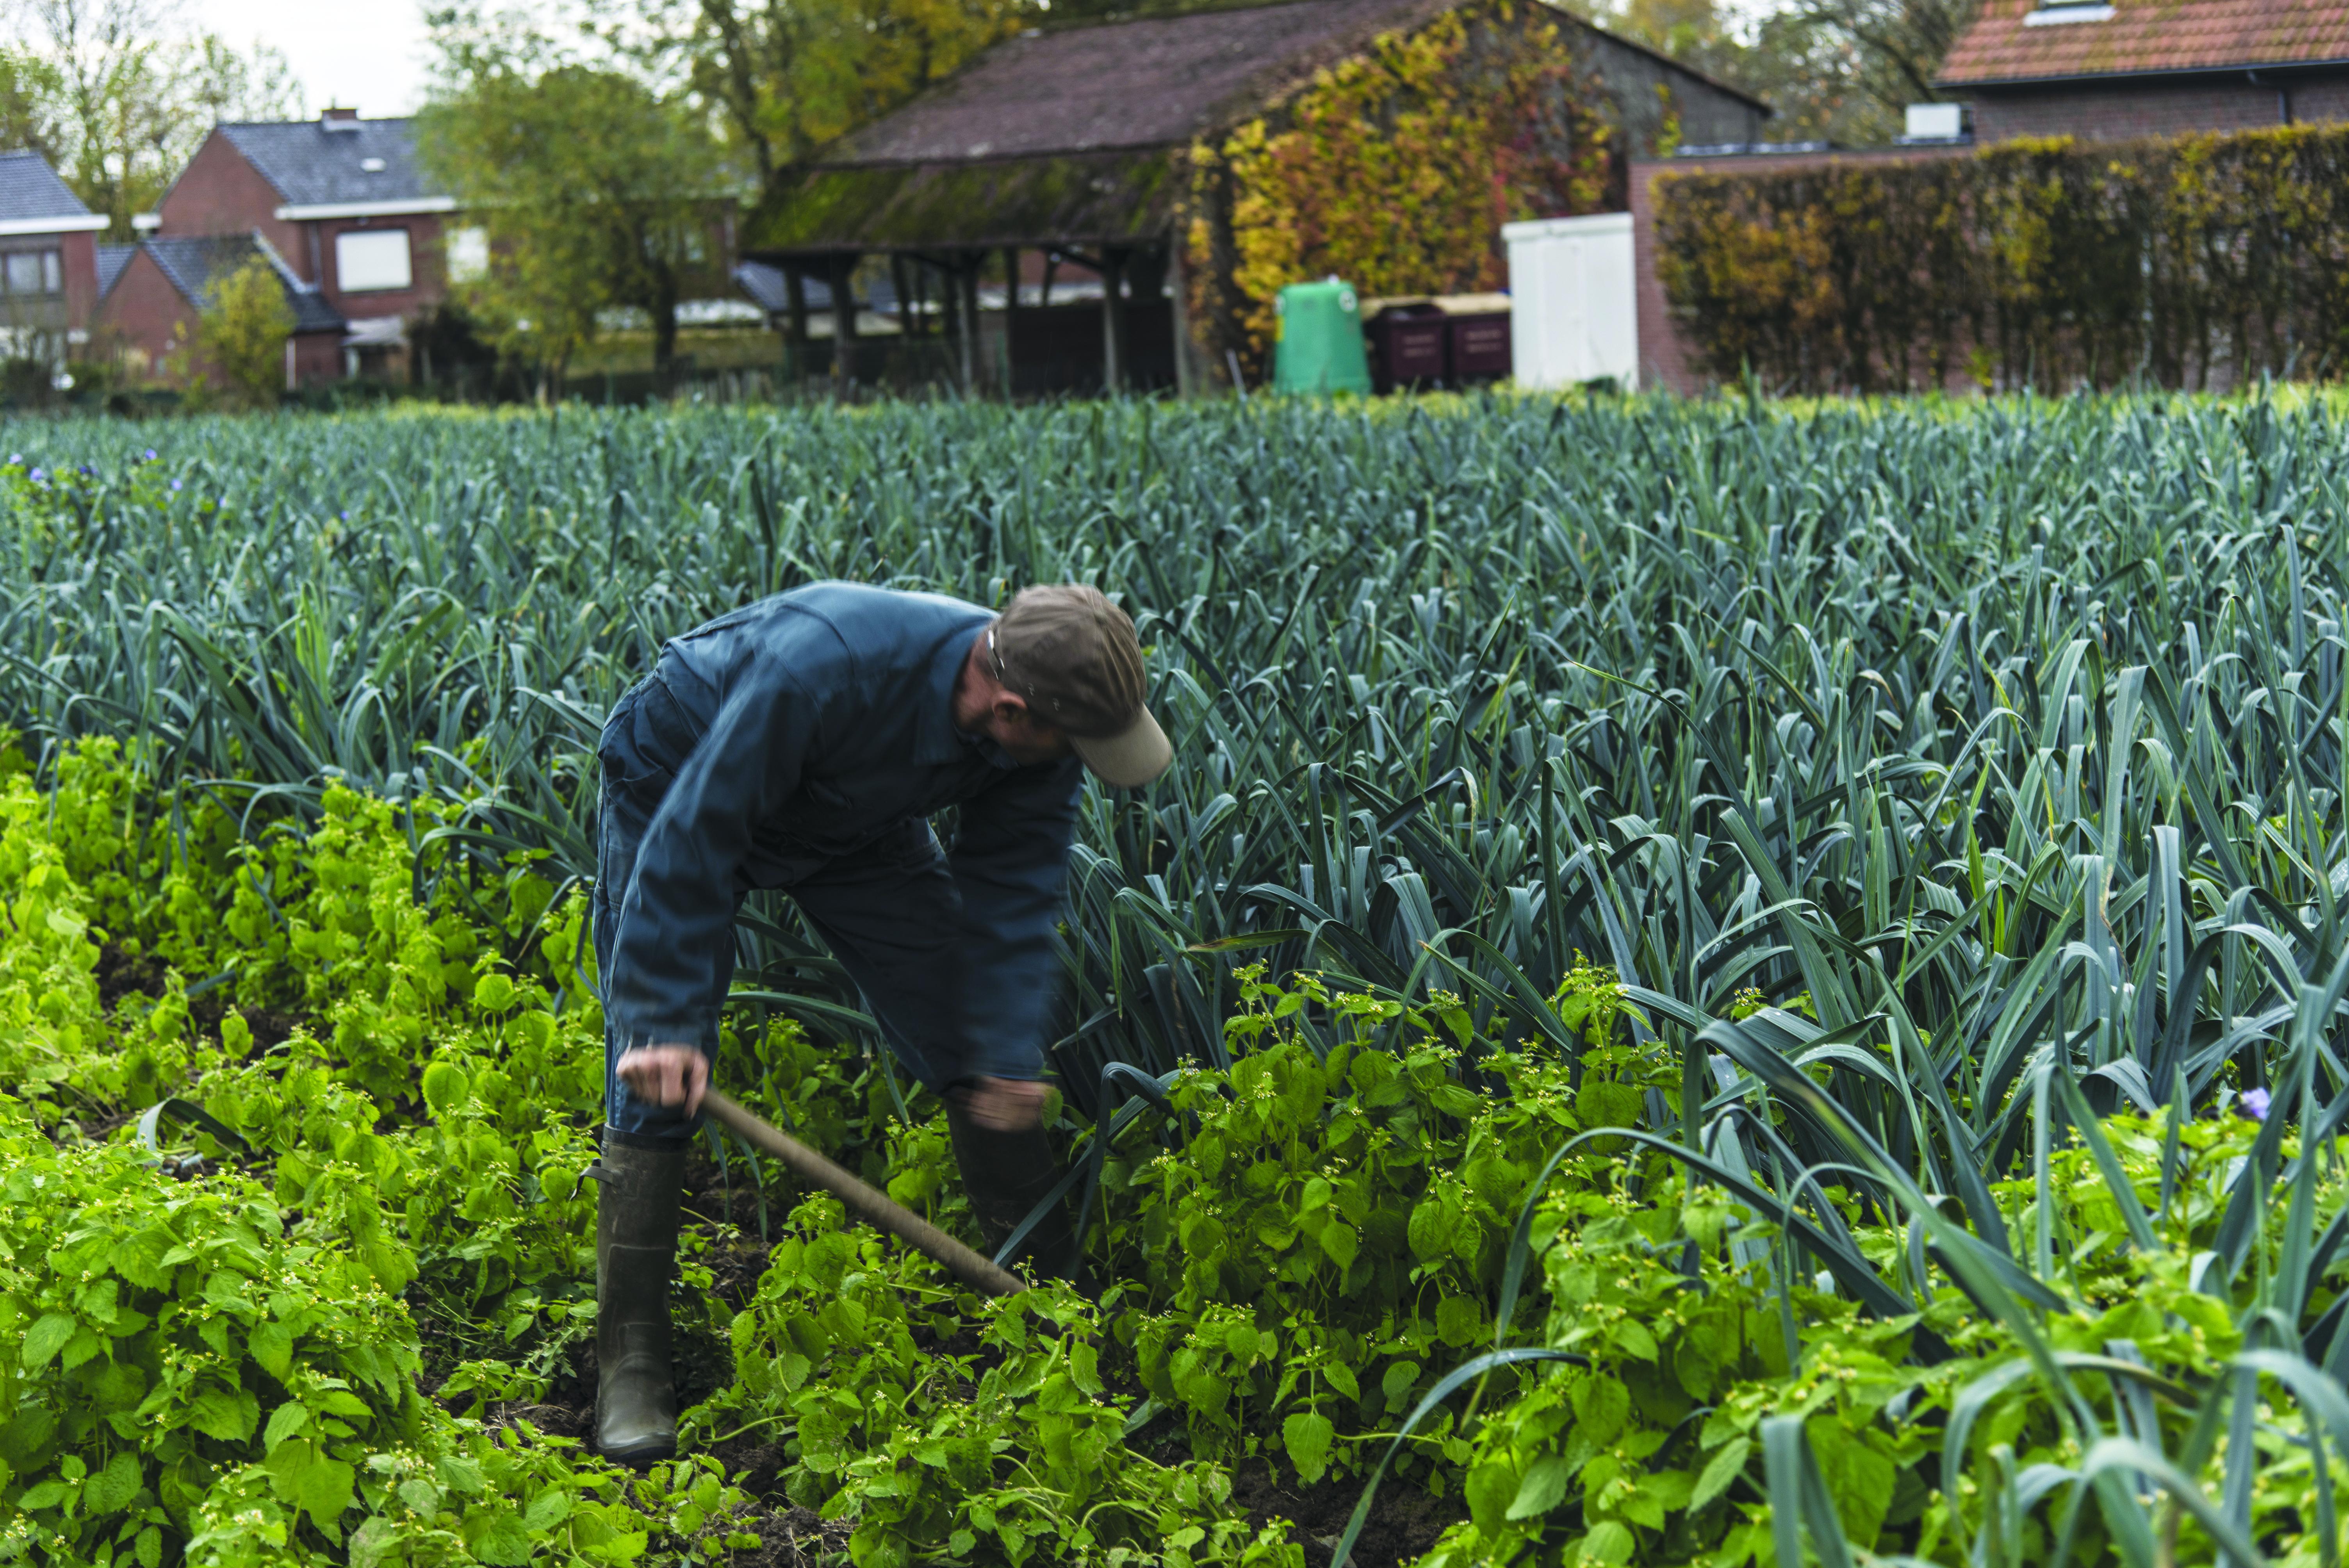 Sondage sur l'agriculture urbaine à Mouscron